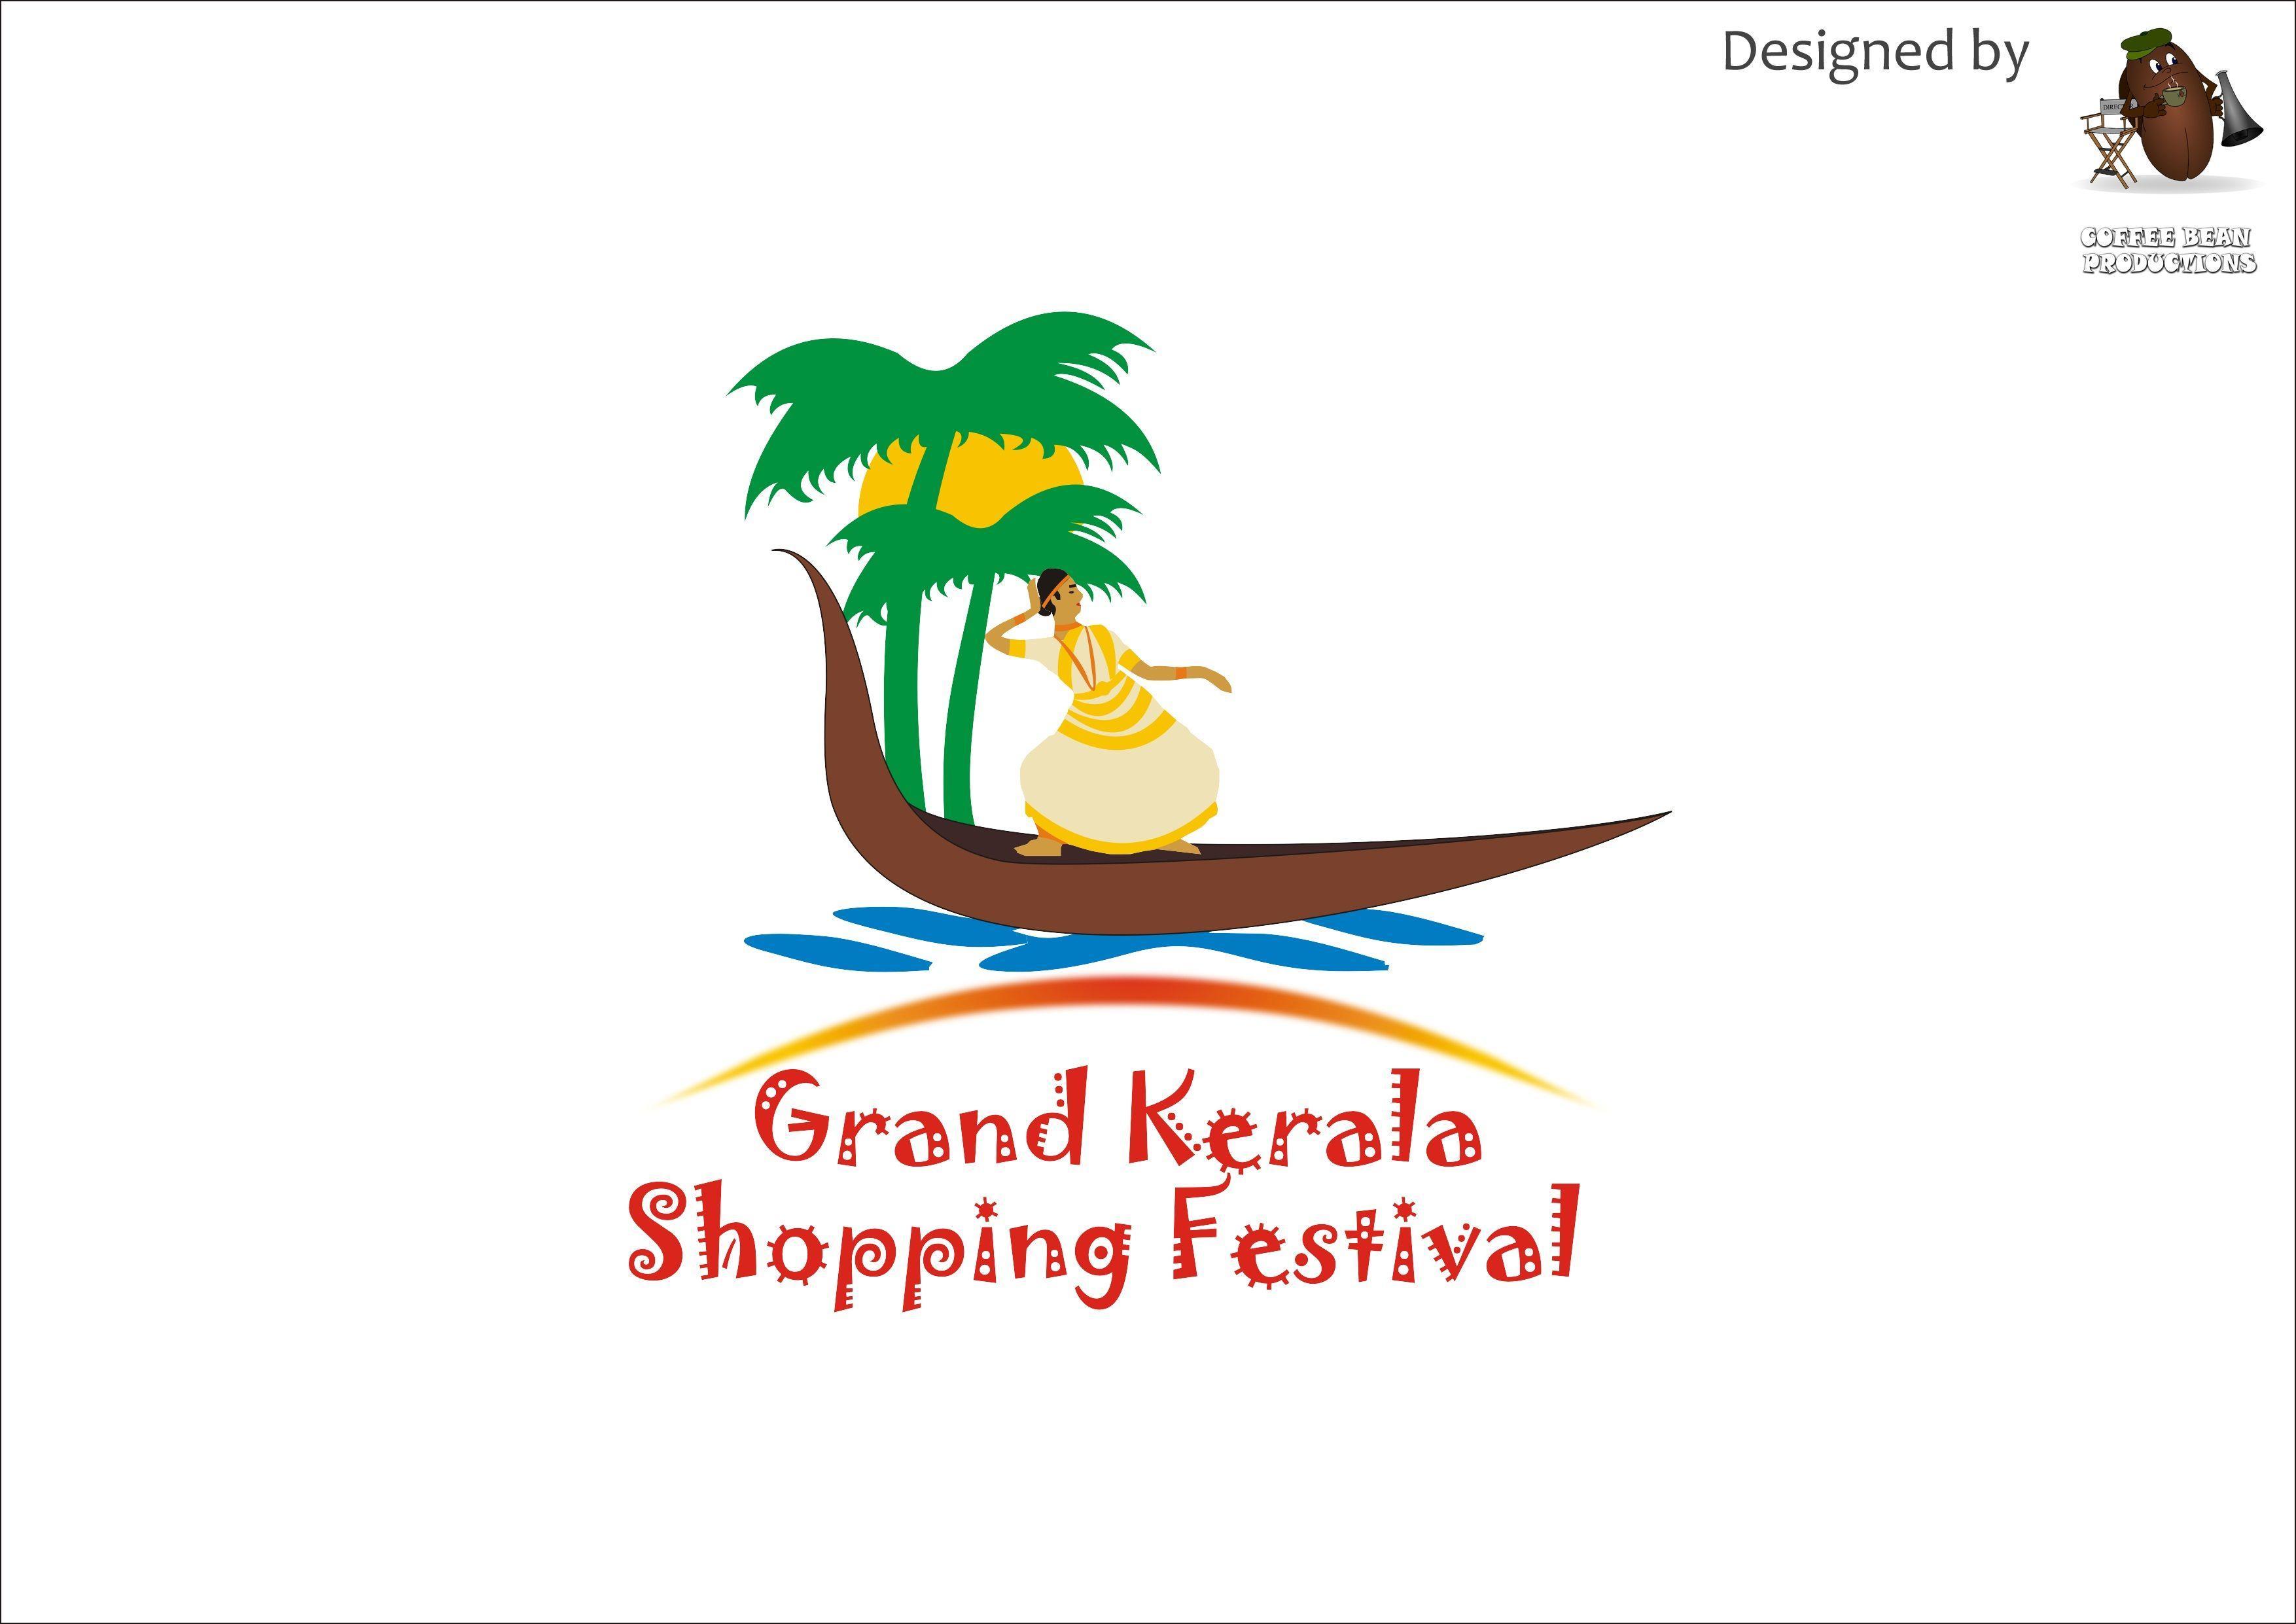 Kerala Shopping Festival